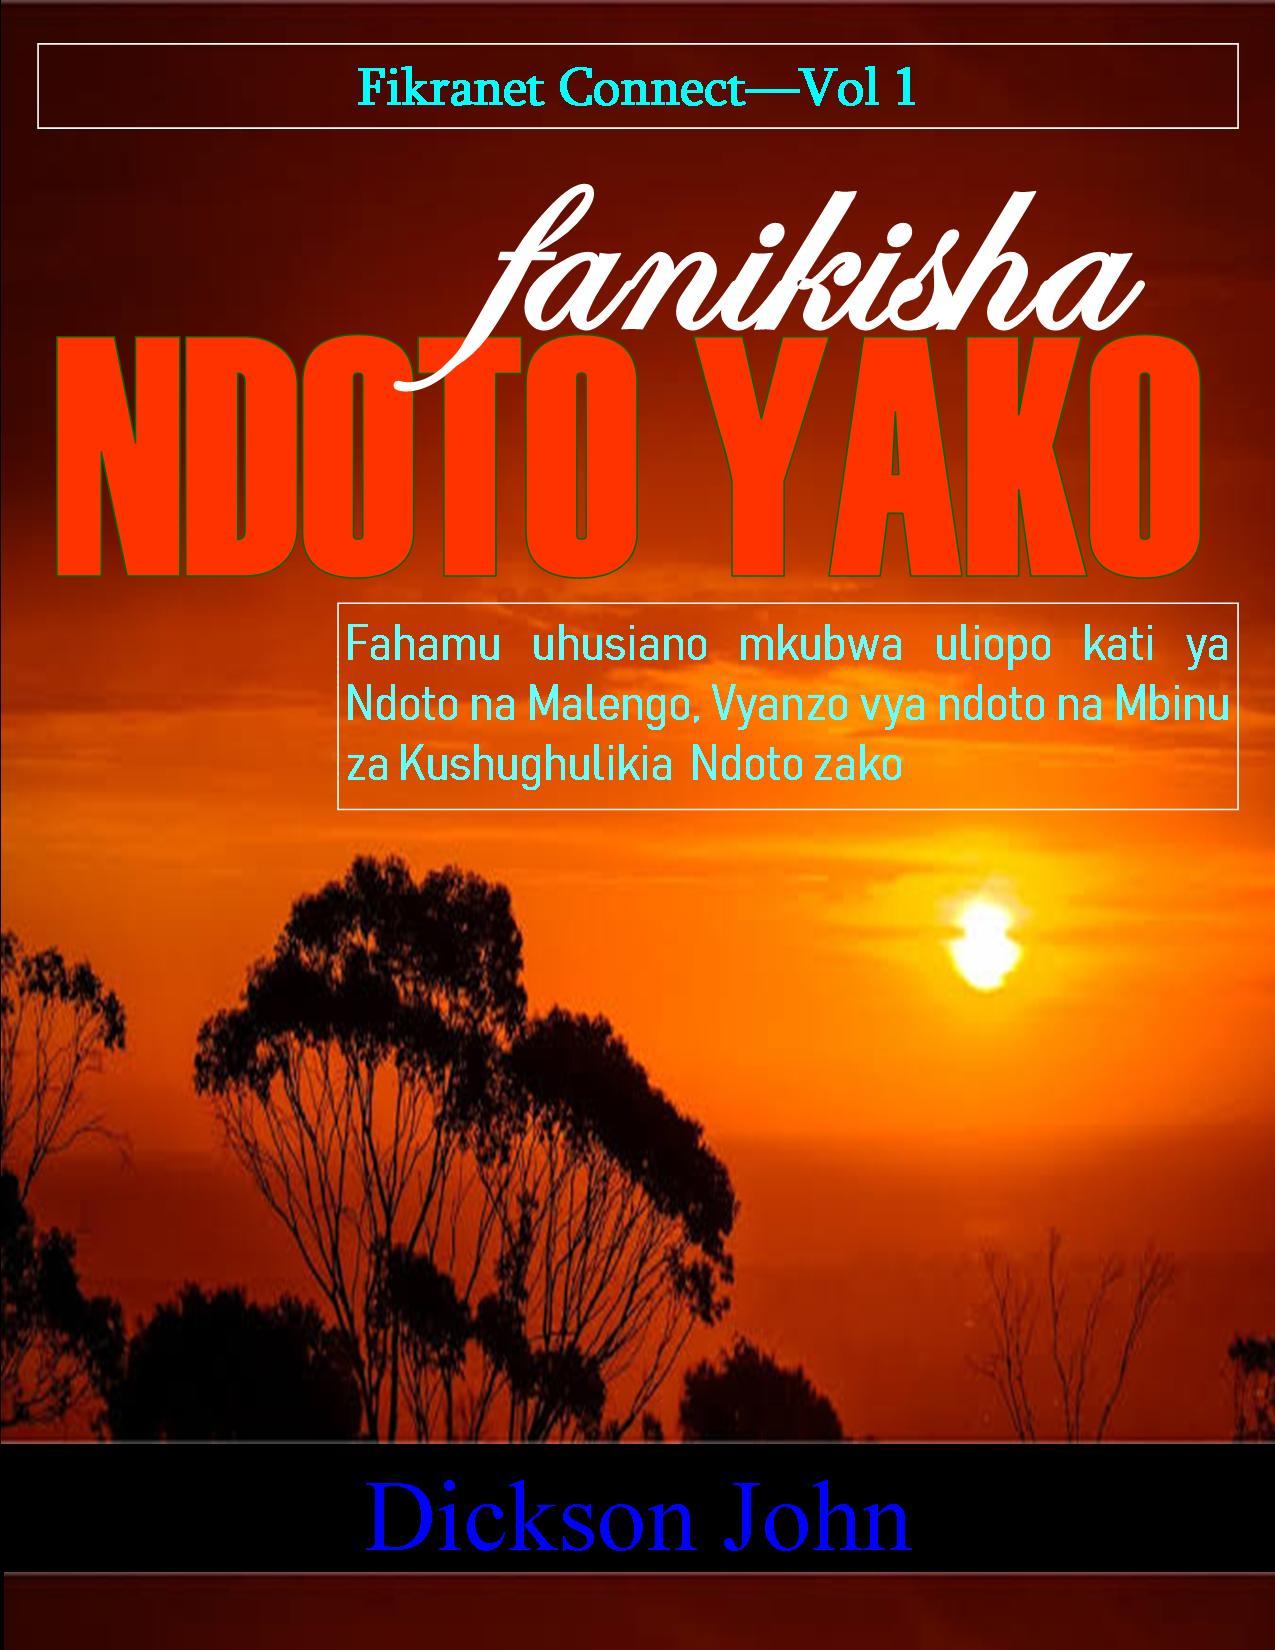 FANIKISHA NDOTO YAKO